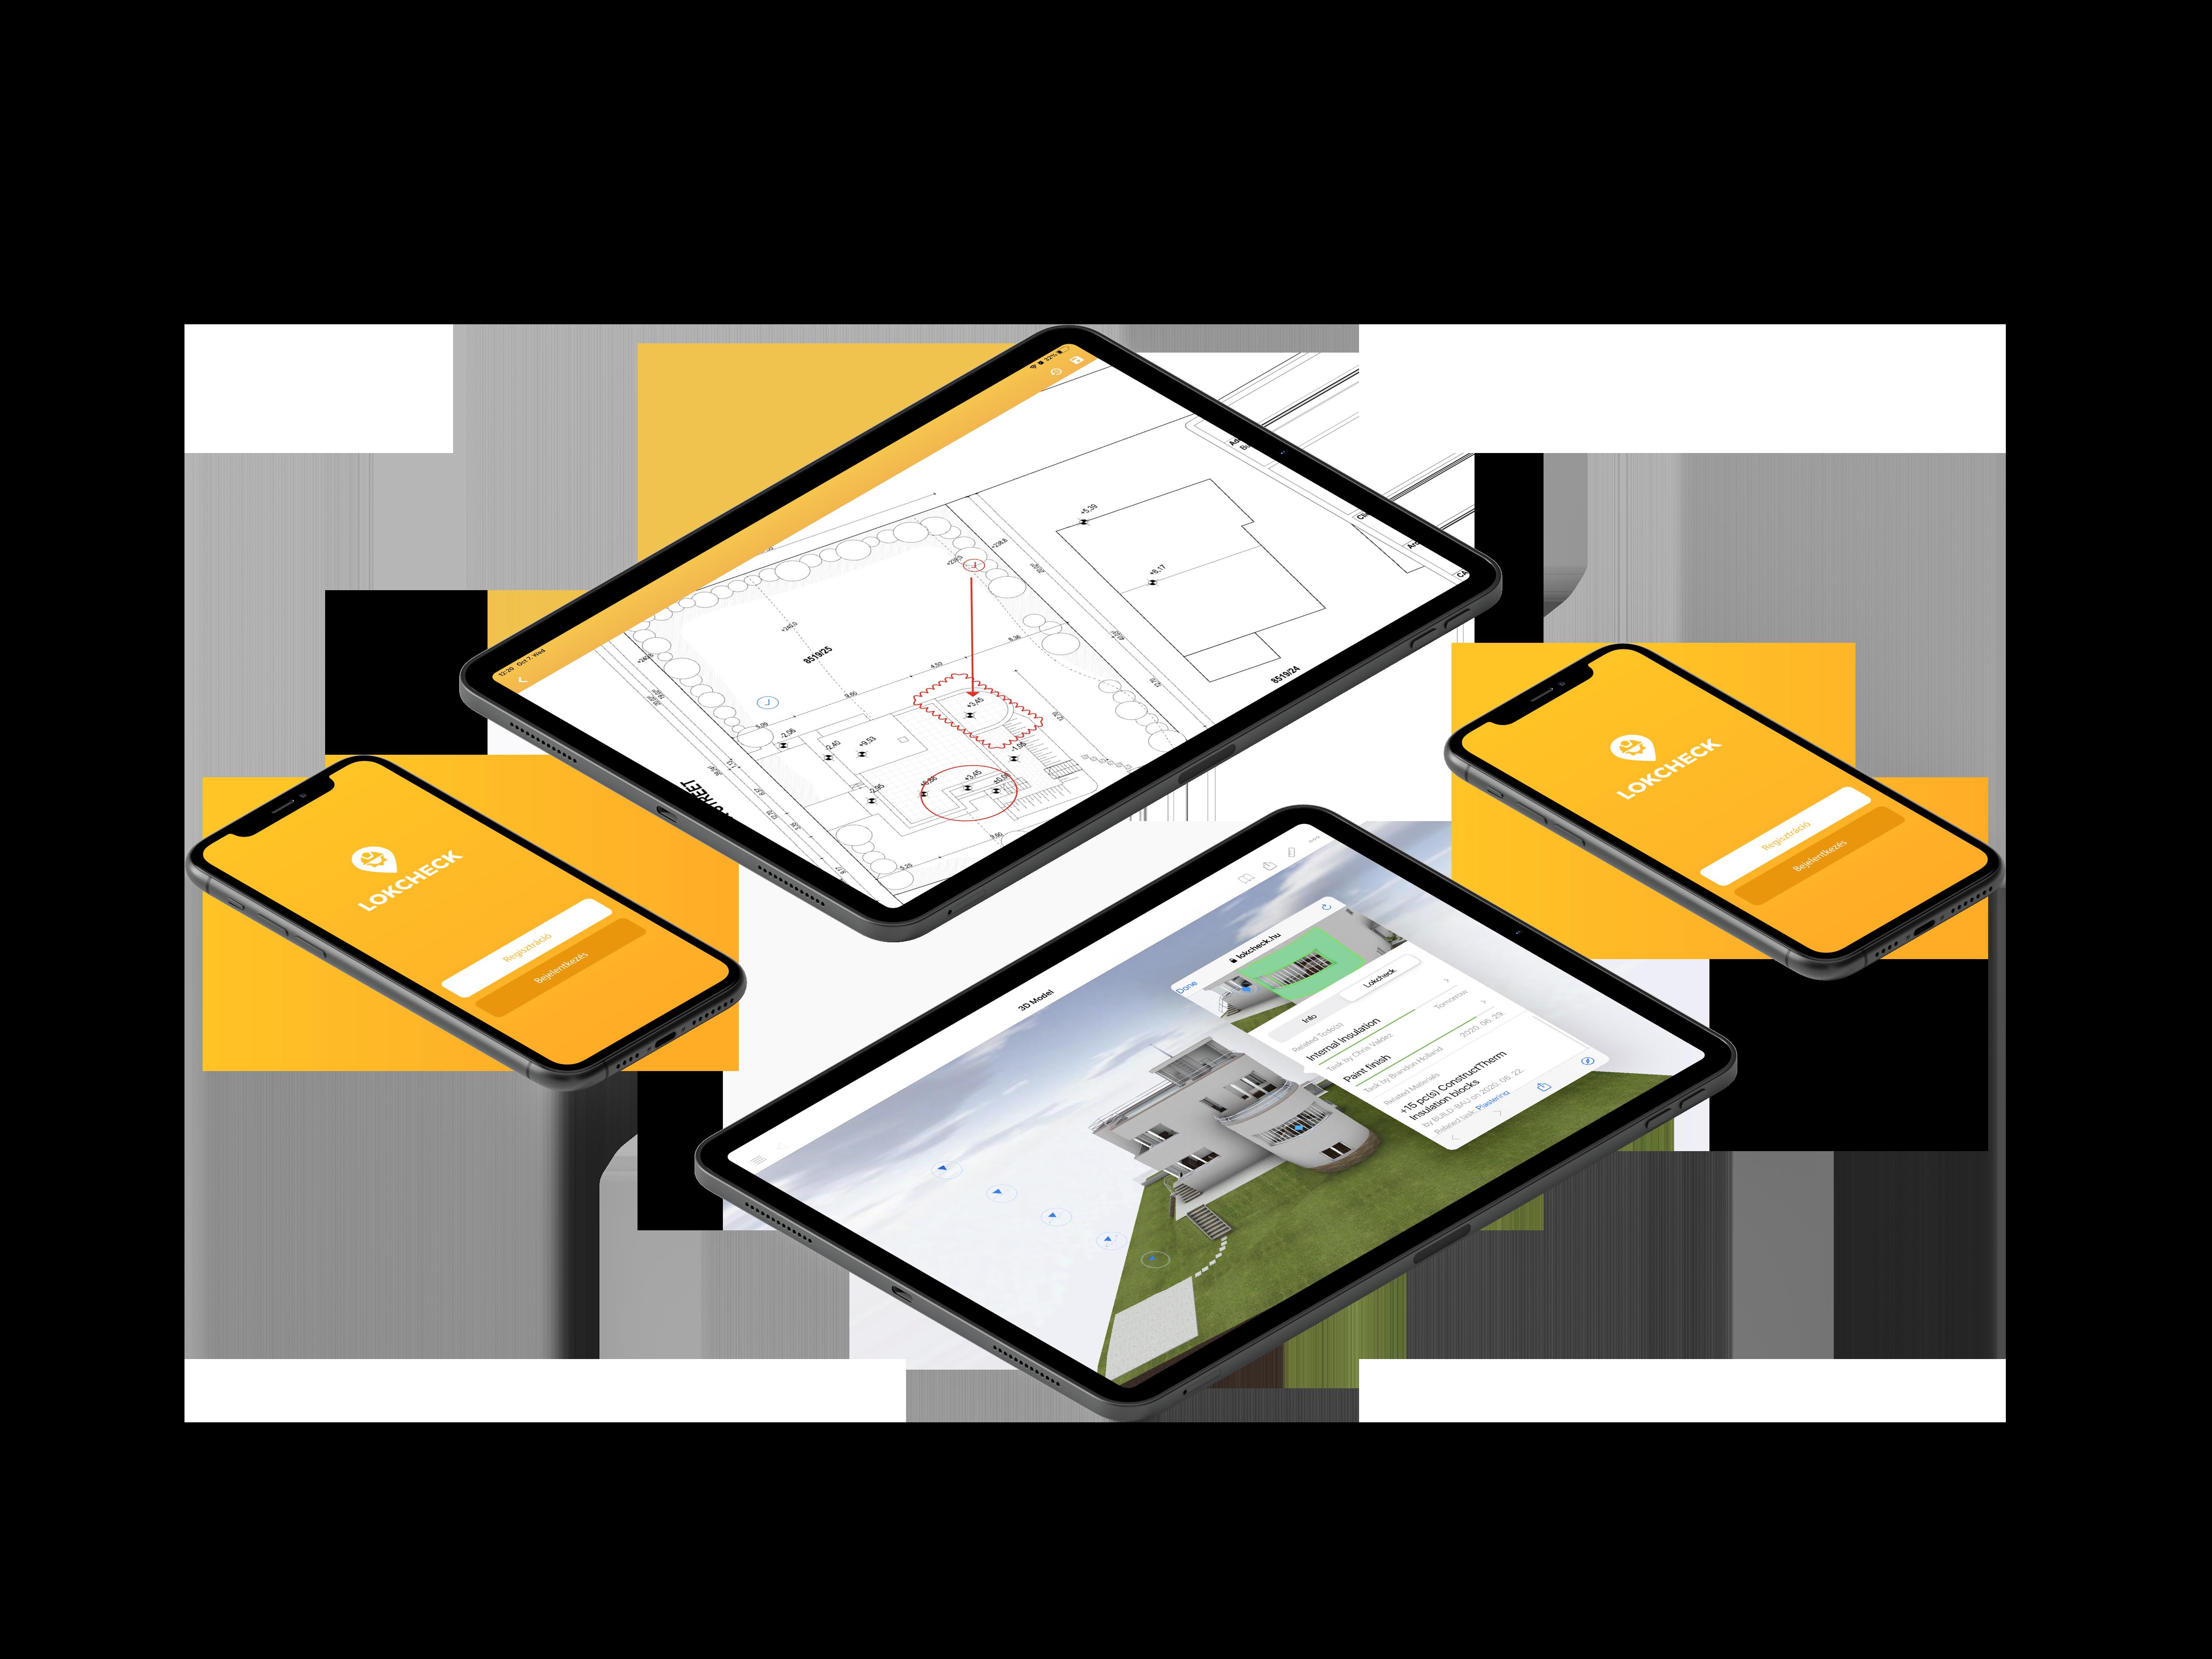 projekt menedzsment szoftver anyagkövetés lebegő apple eszközökön